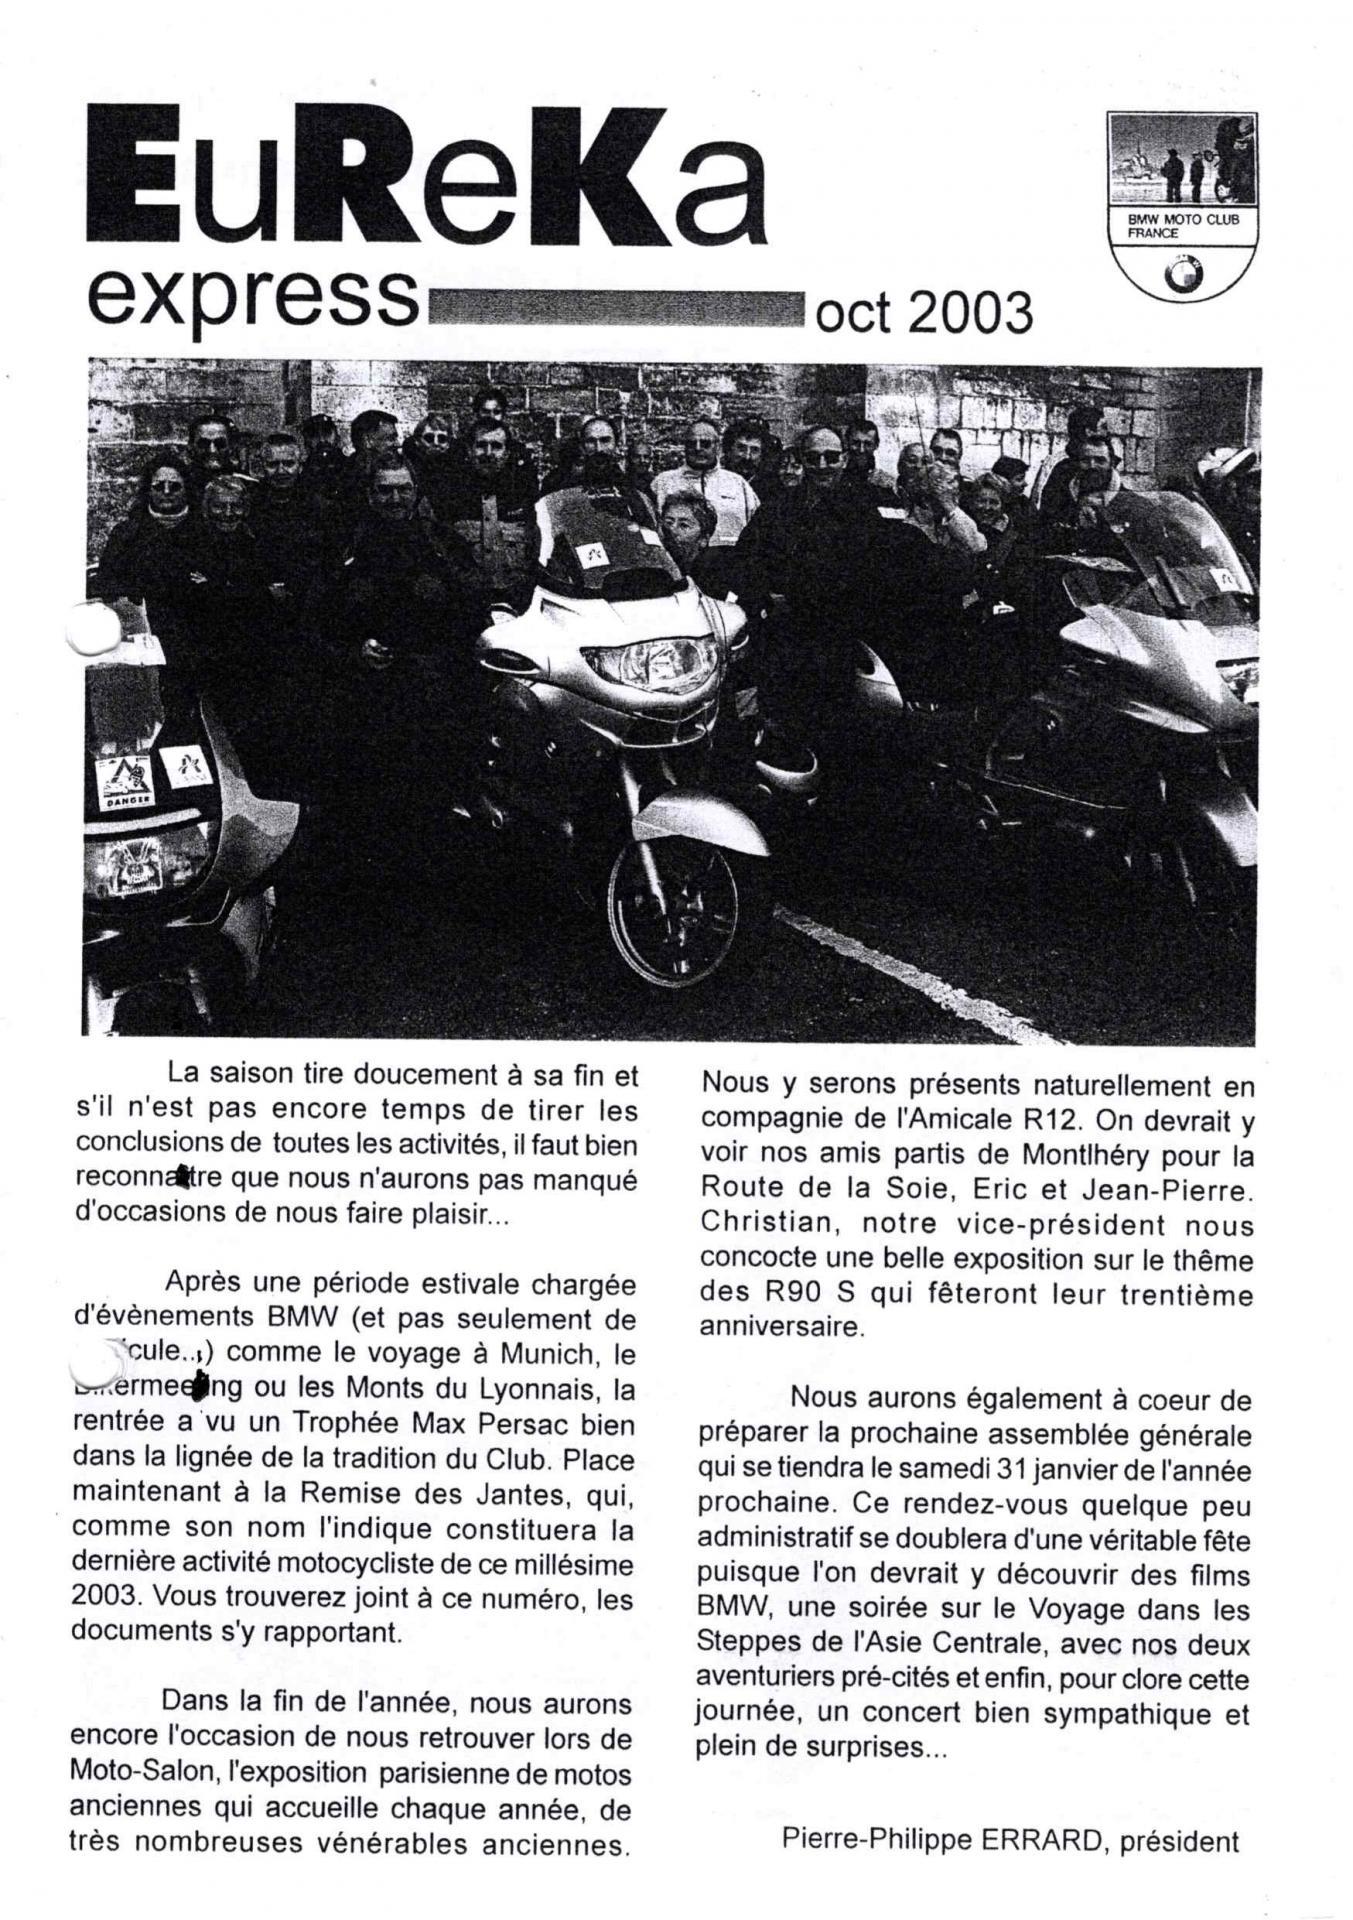 2003 10 eureka express 1